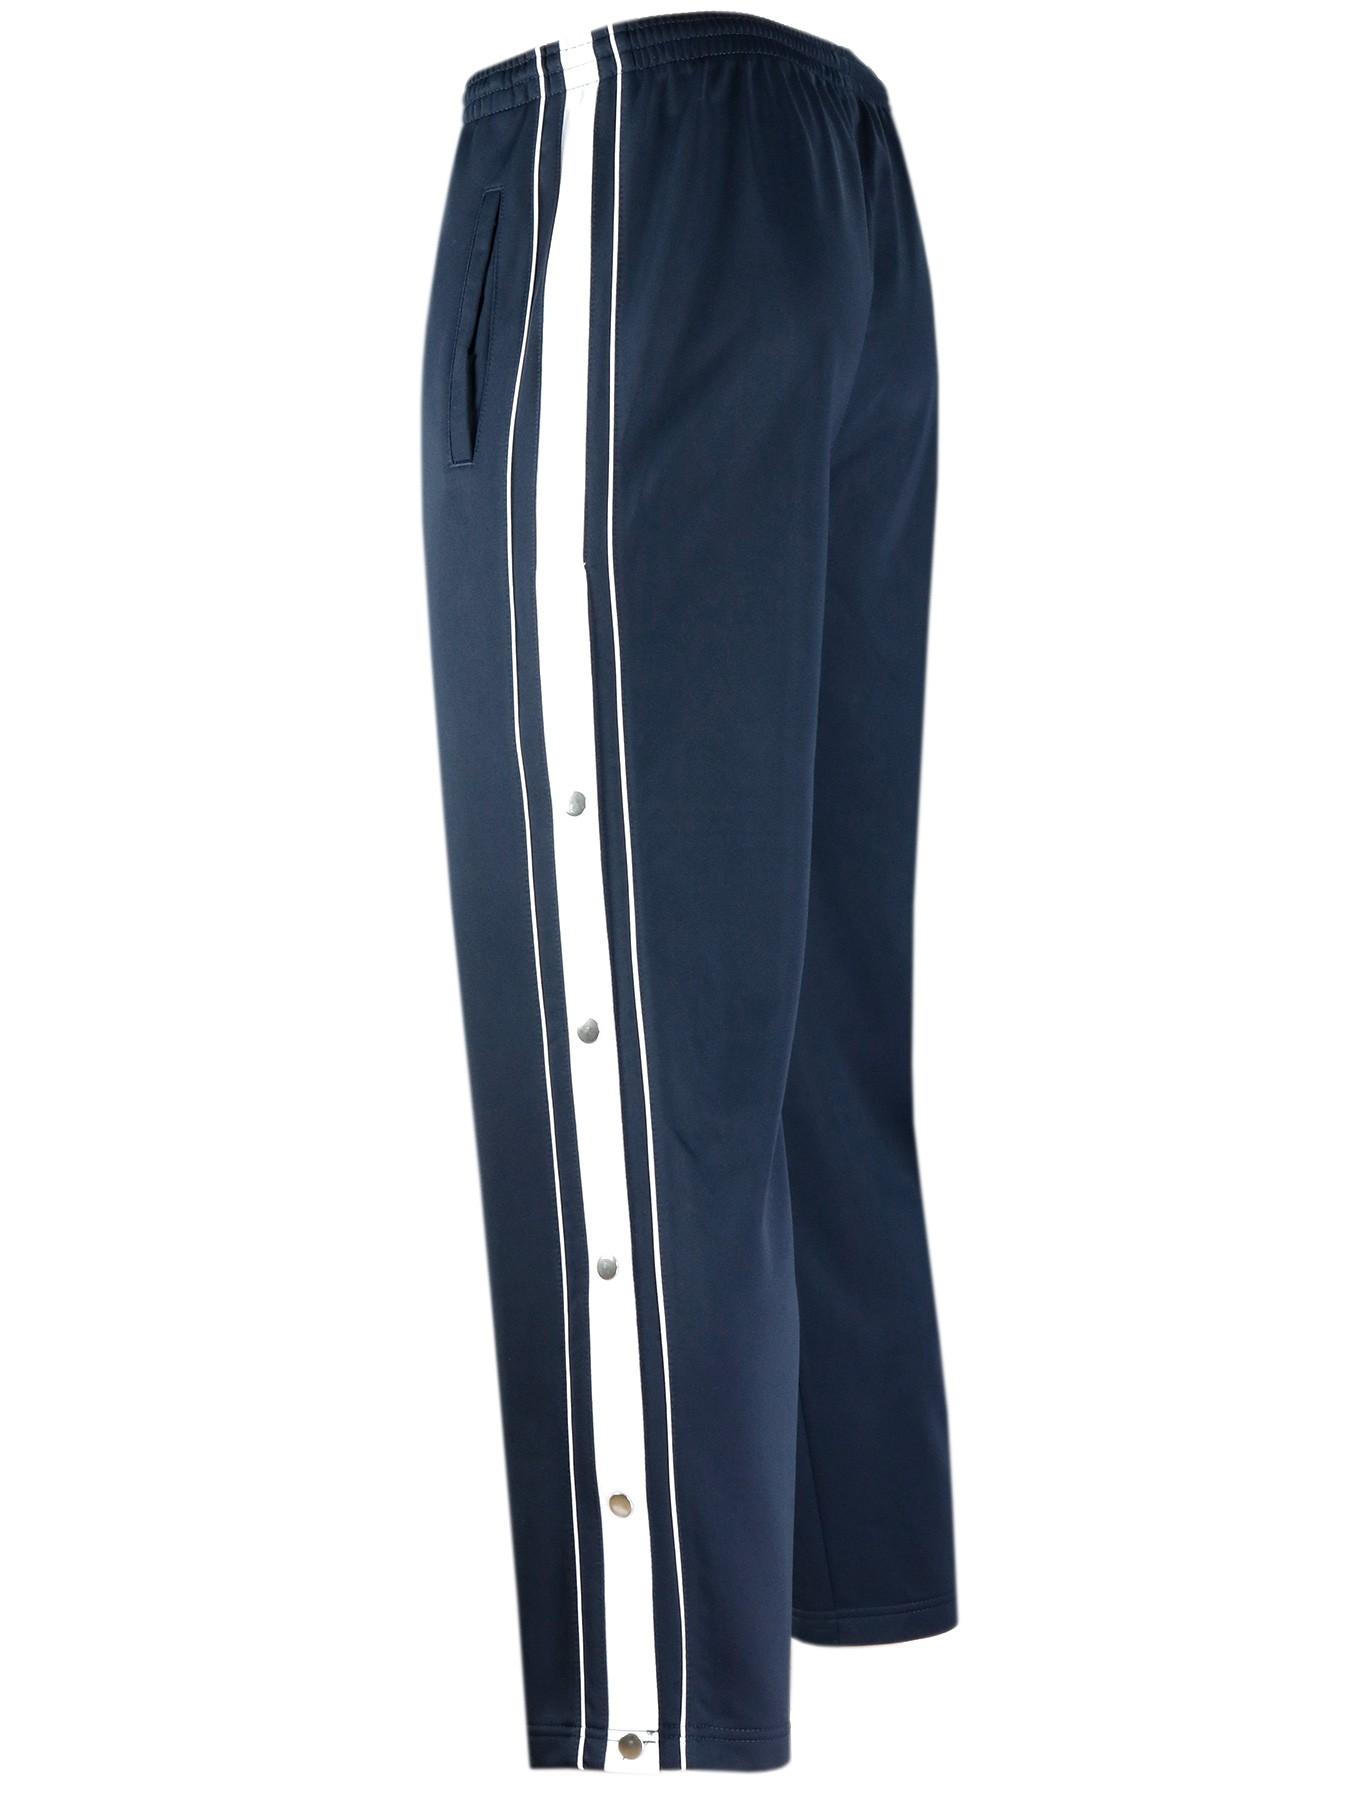 Herren Sporthose mit Seitenknopfleiste - Navy